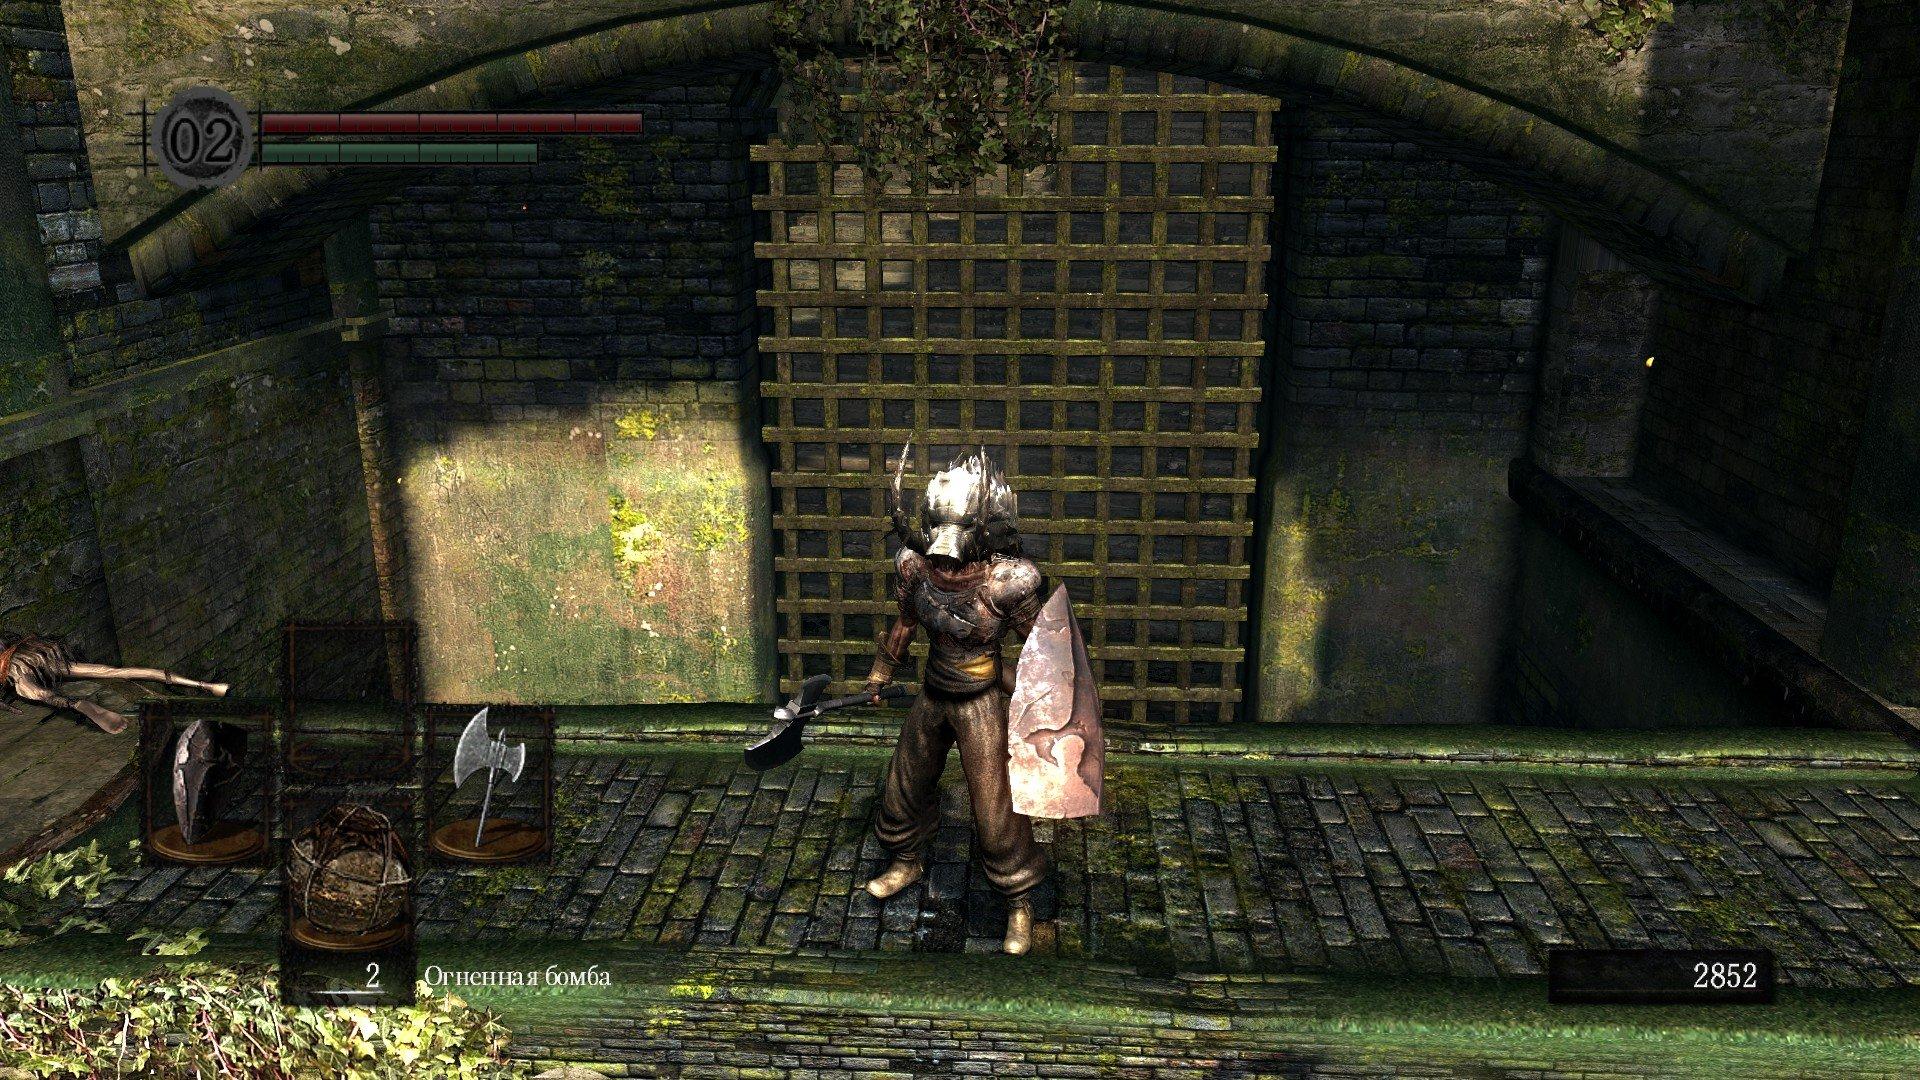 Вопль-прохождение Dark Souls часть 1 (ЗАПИСЬ) ... еще не решил, как это называть! - Изображение 13